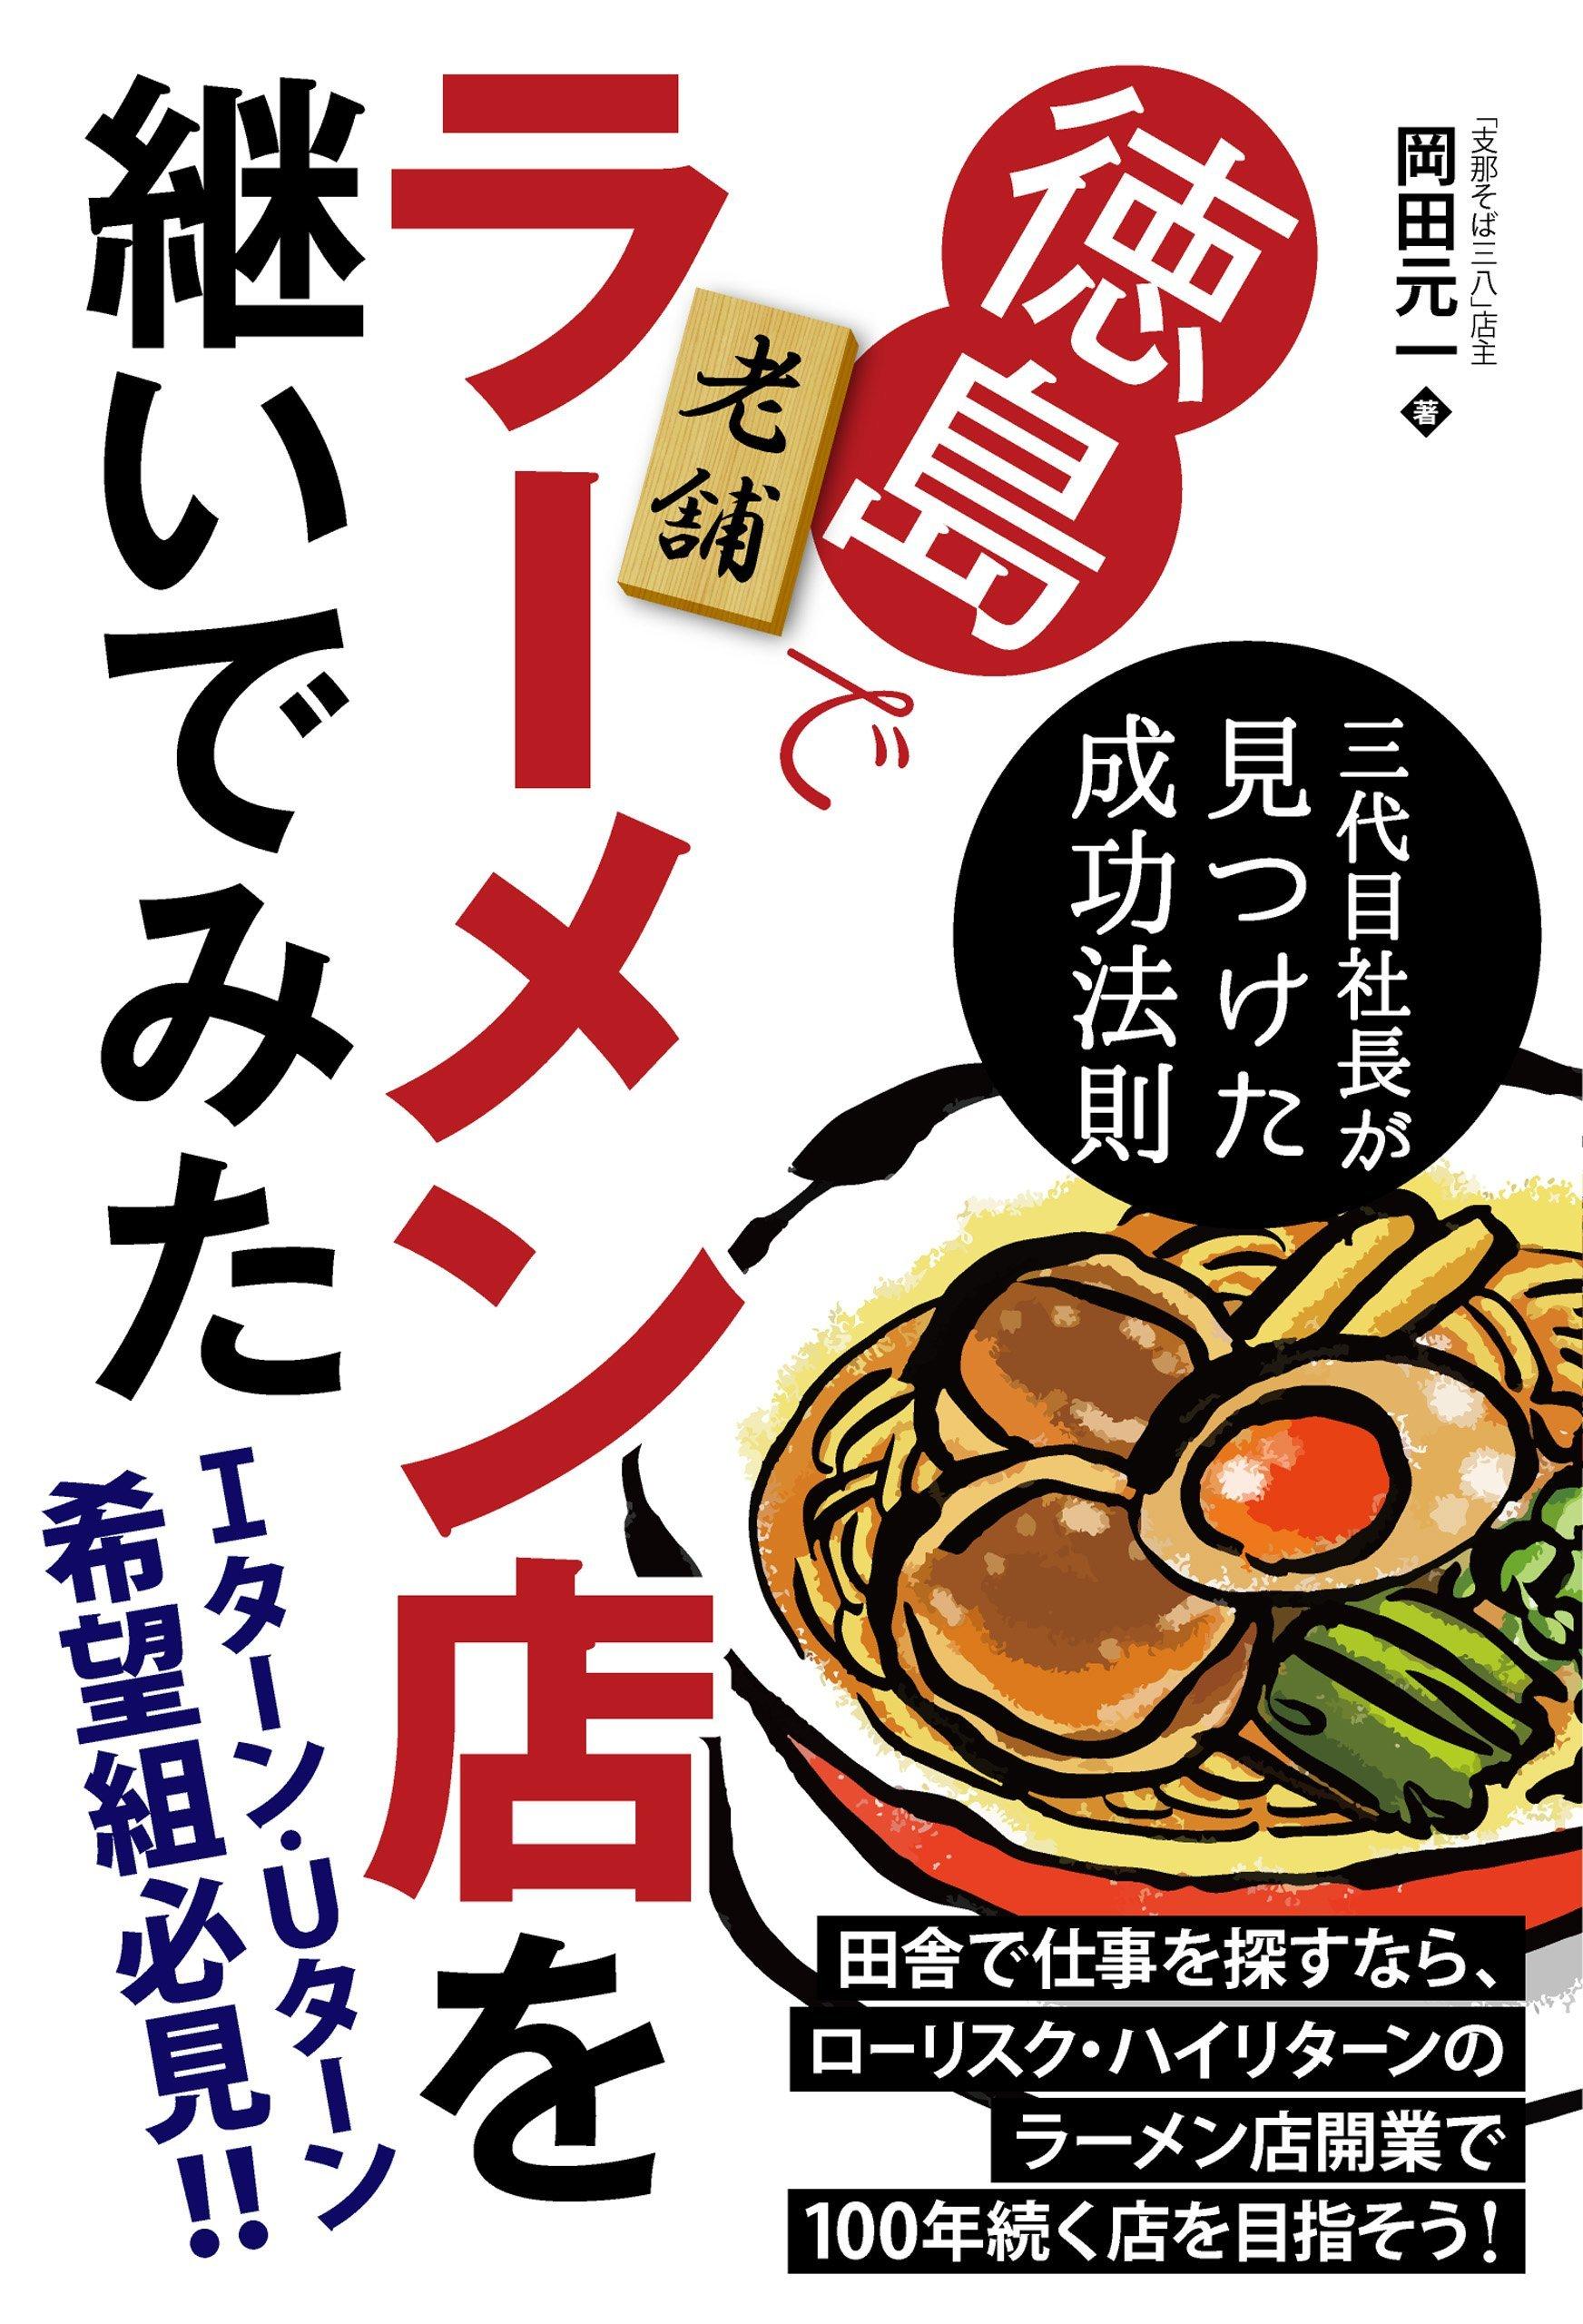 徳島で老舗ラーメン店を継いでみた ─三代目社長が見つけた成功法則